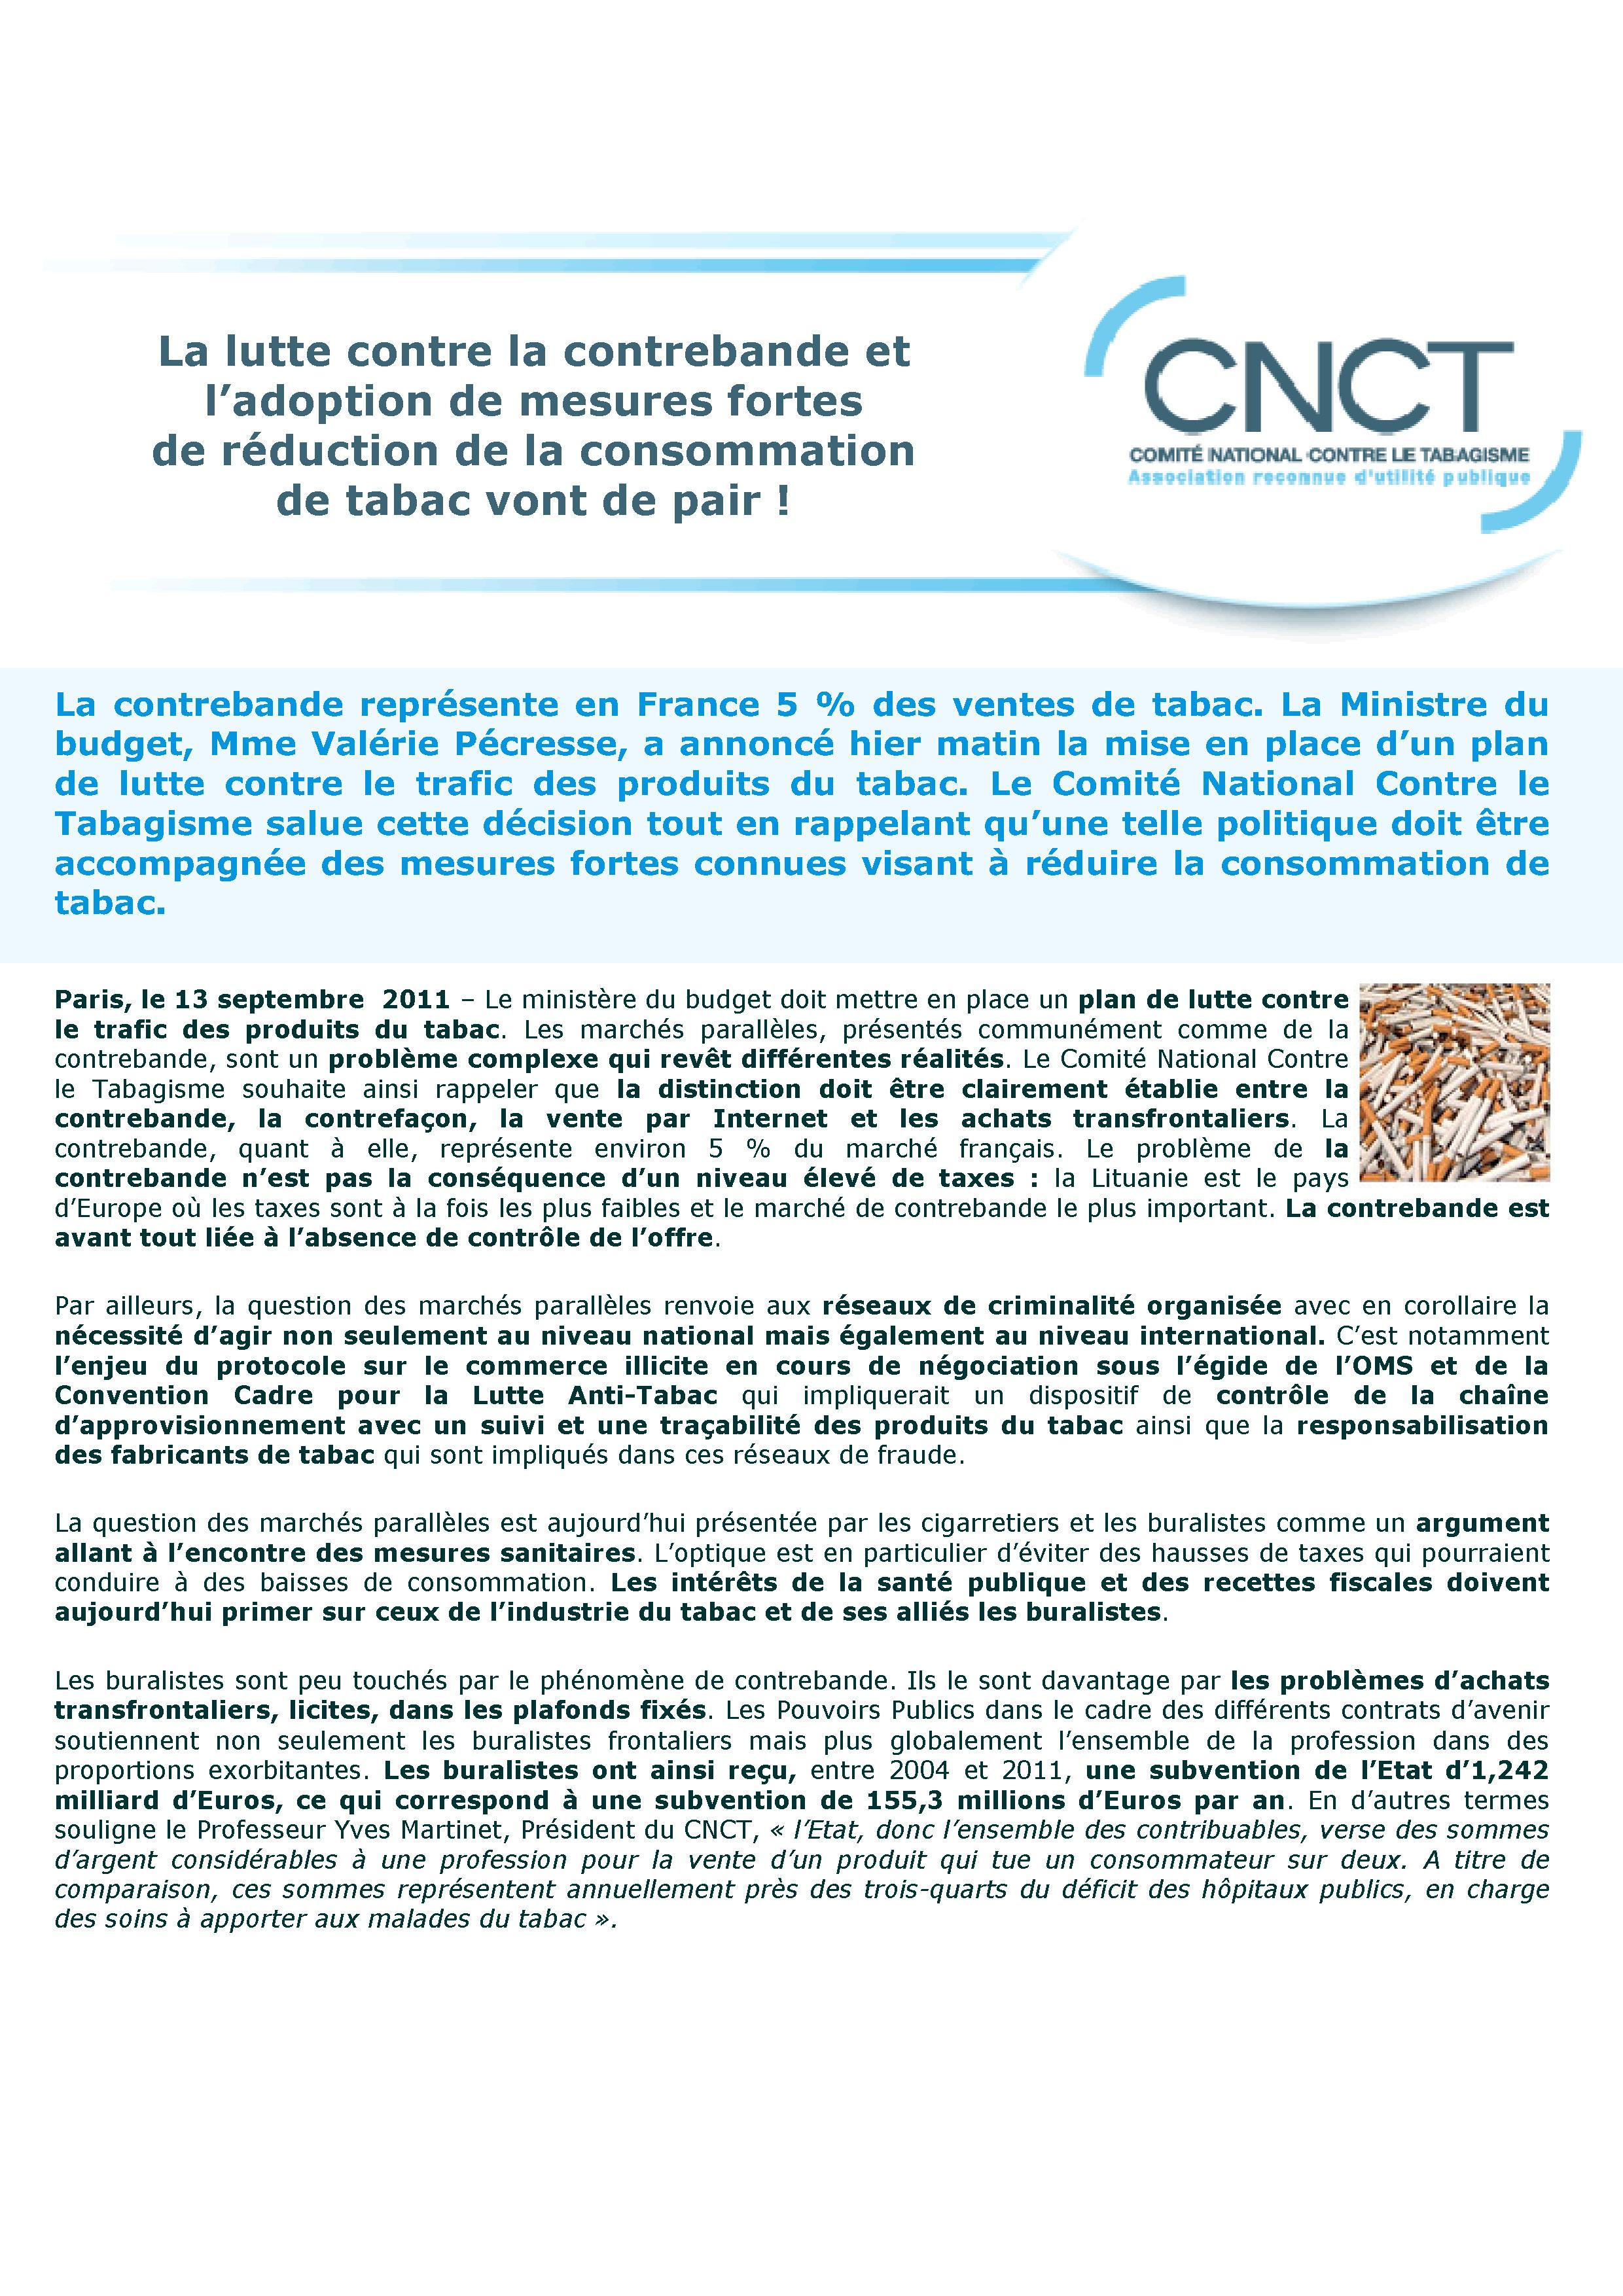 CNCT-CP_lutte-contre-la-contrebande-et-adoption-de-mesures-fortes-vont-de-pair-13sept2011_Page_1.jpg